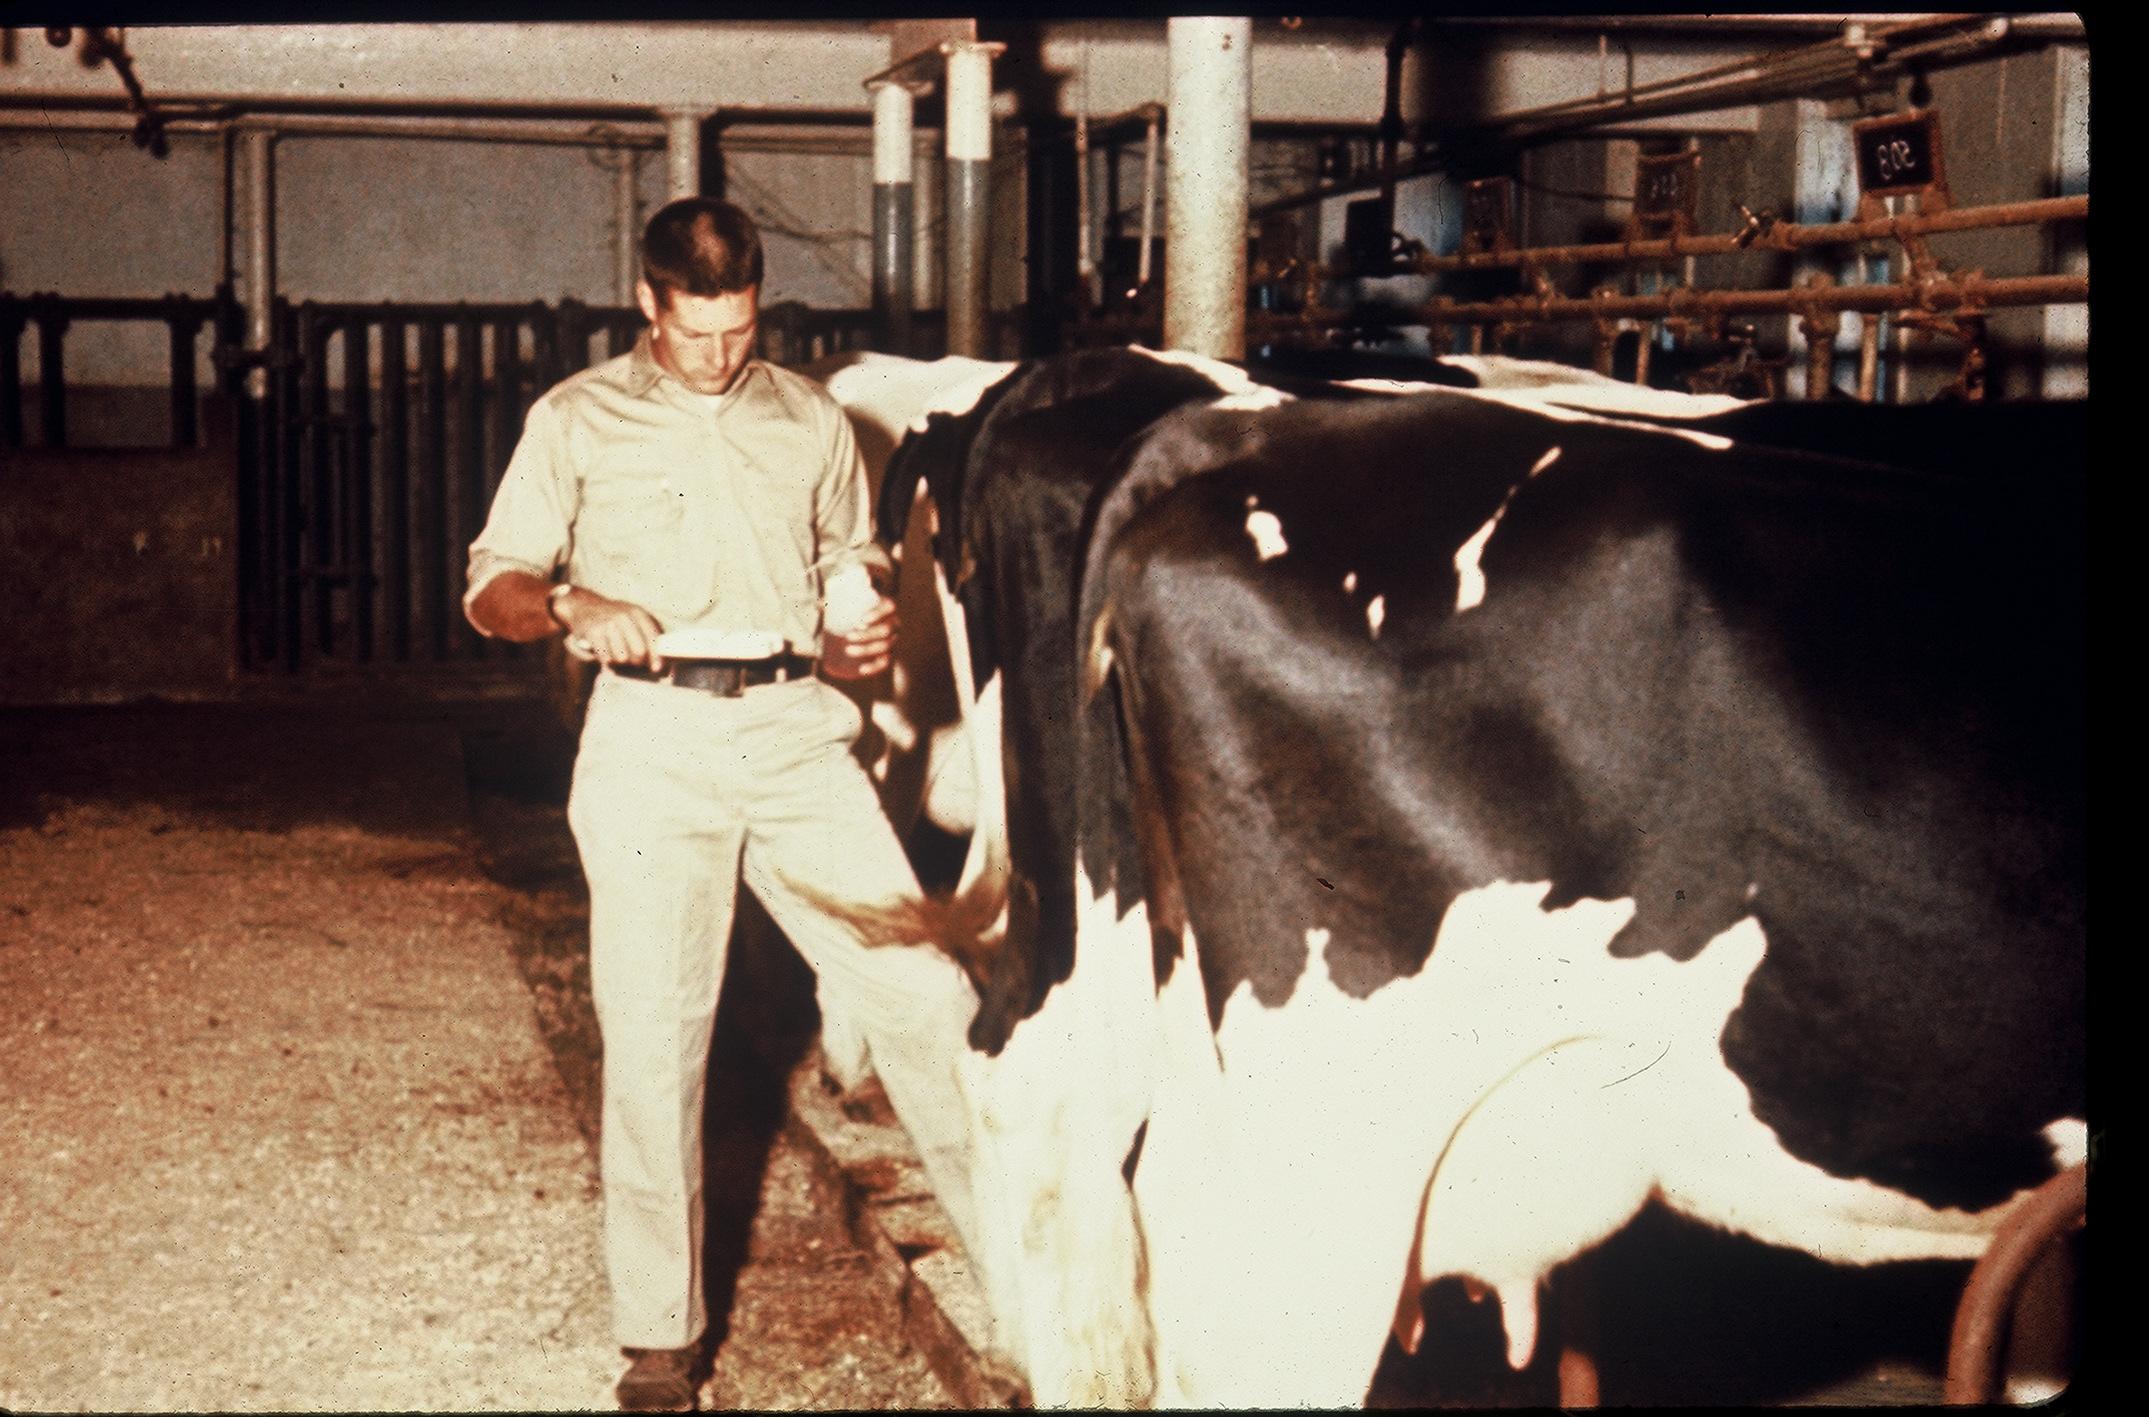 CRF Dairy Research Farm 1960's - Ellington, Connecticut